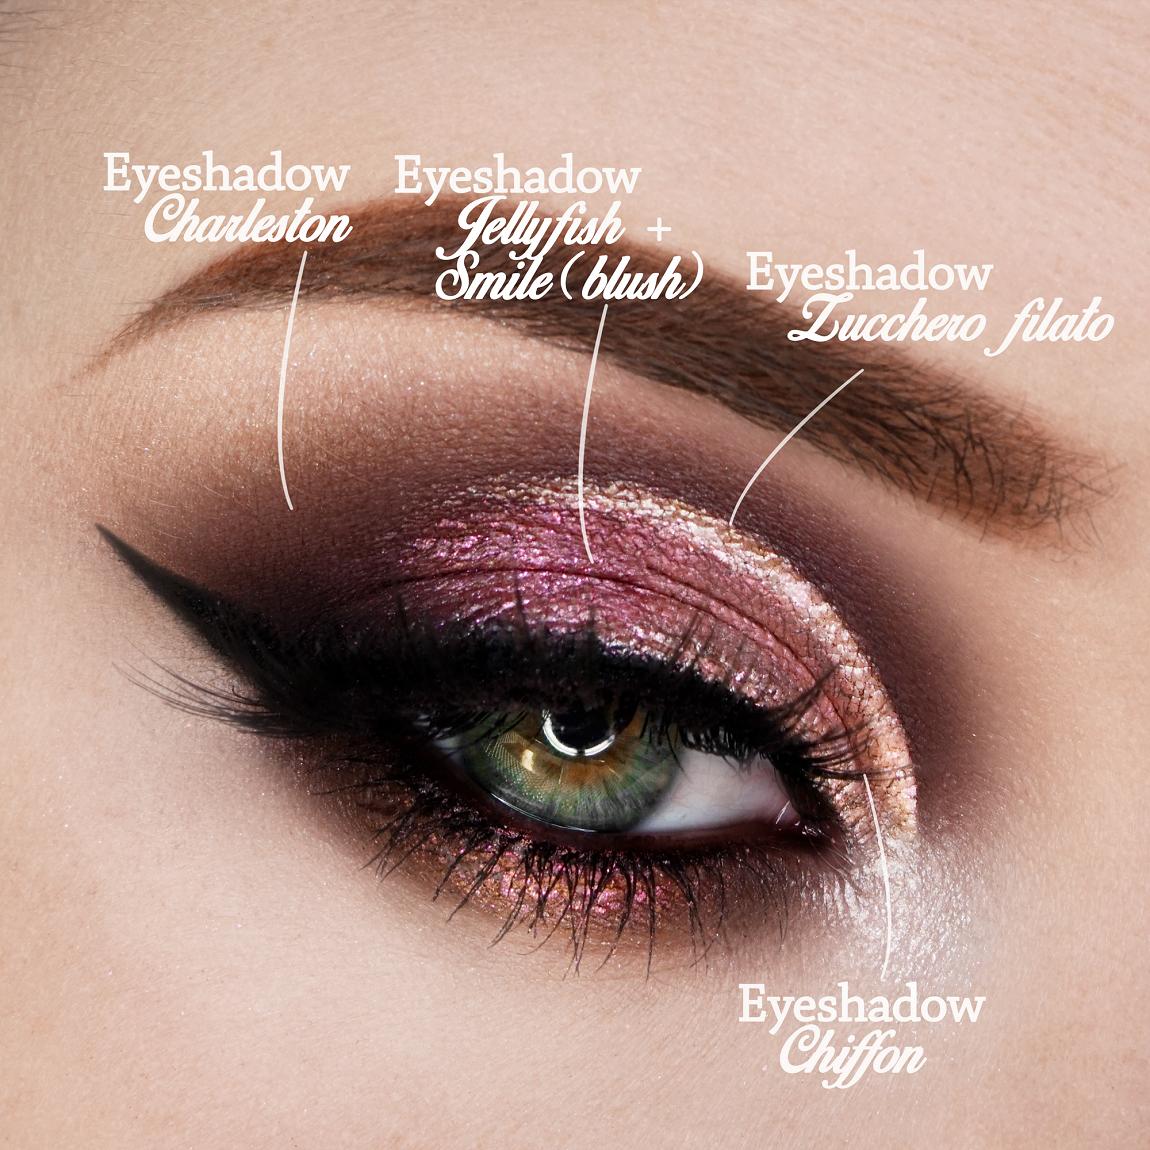 Spring makeup tips: the mauve and peach makeup!